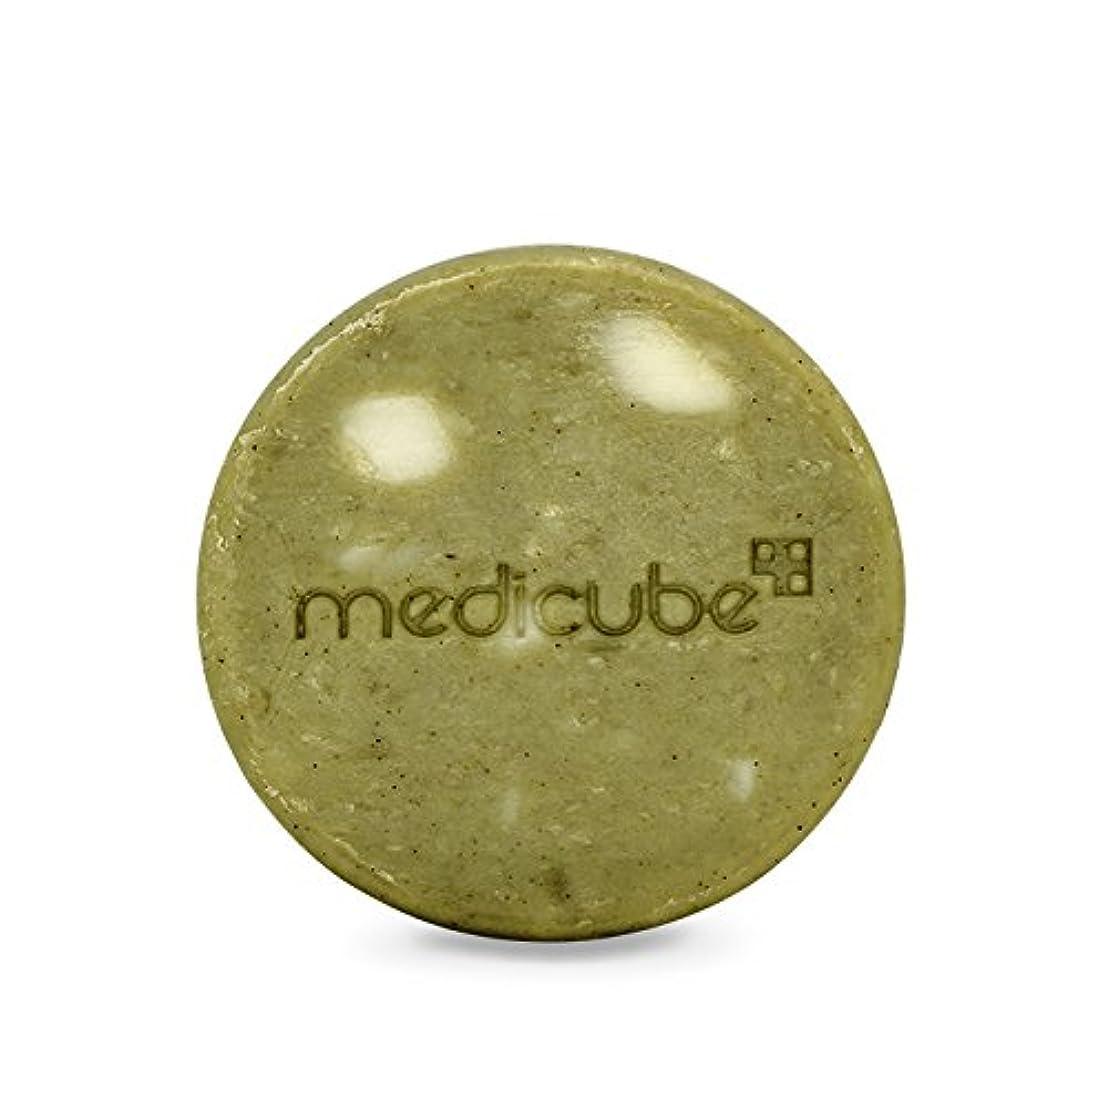 ペースト自治変動する[Medicube]Red Body Bar / メディキューブレッドボディバー / 正品?海外直送商品 [並行輸入品]